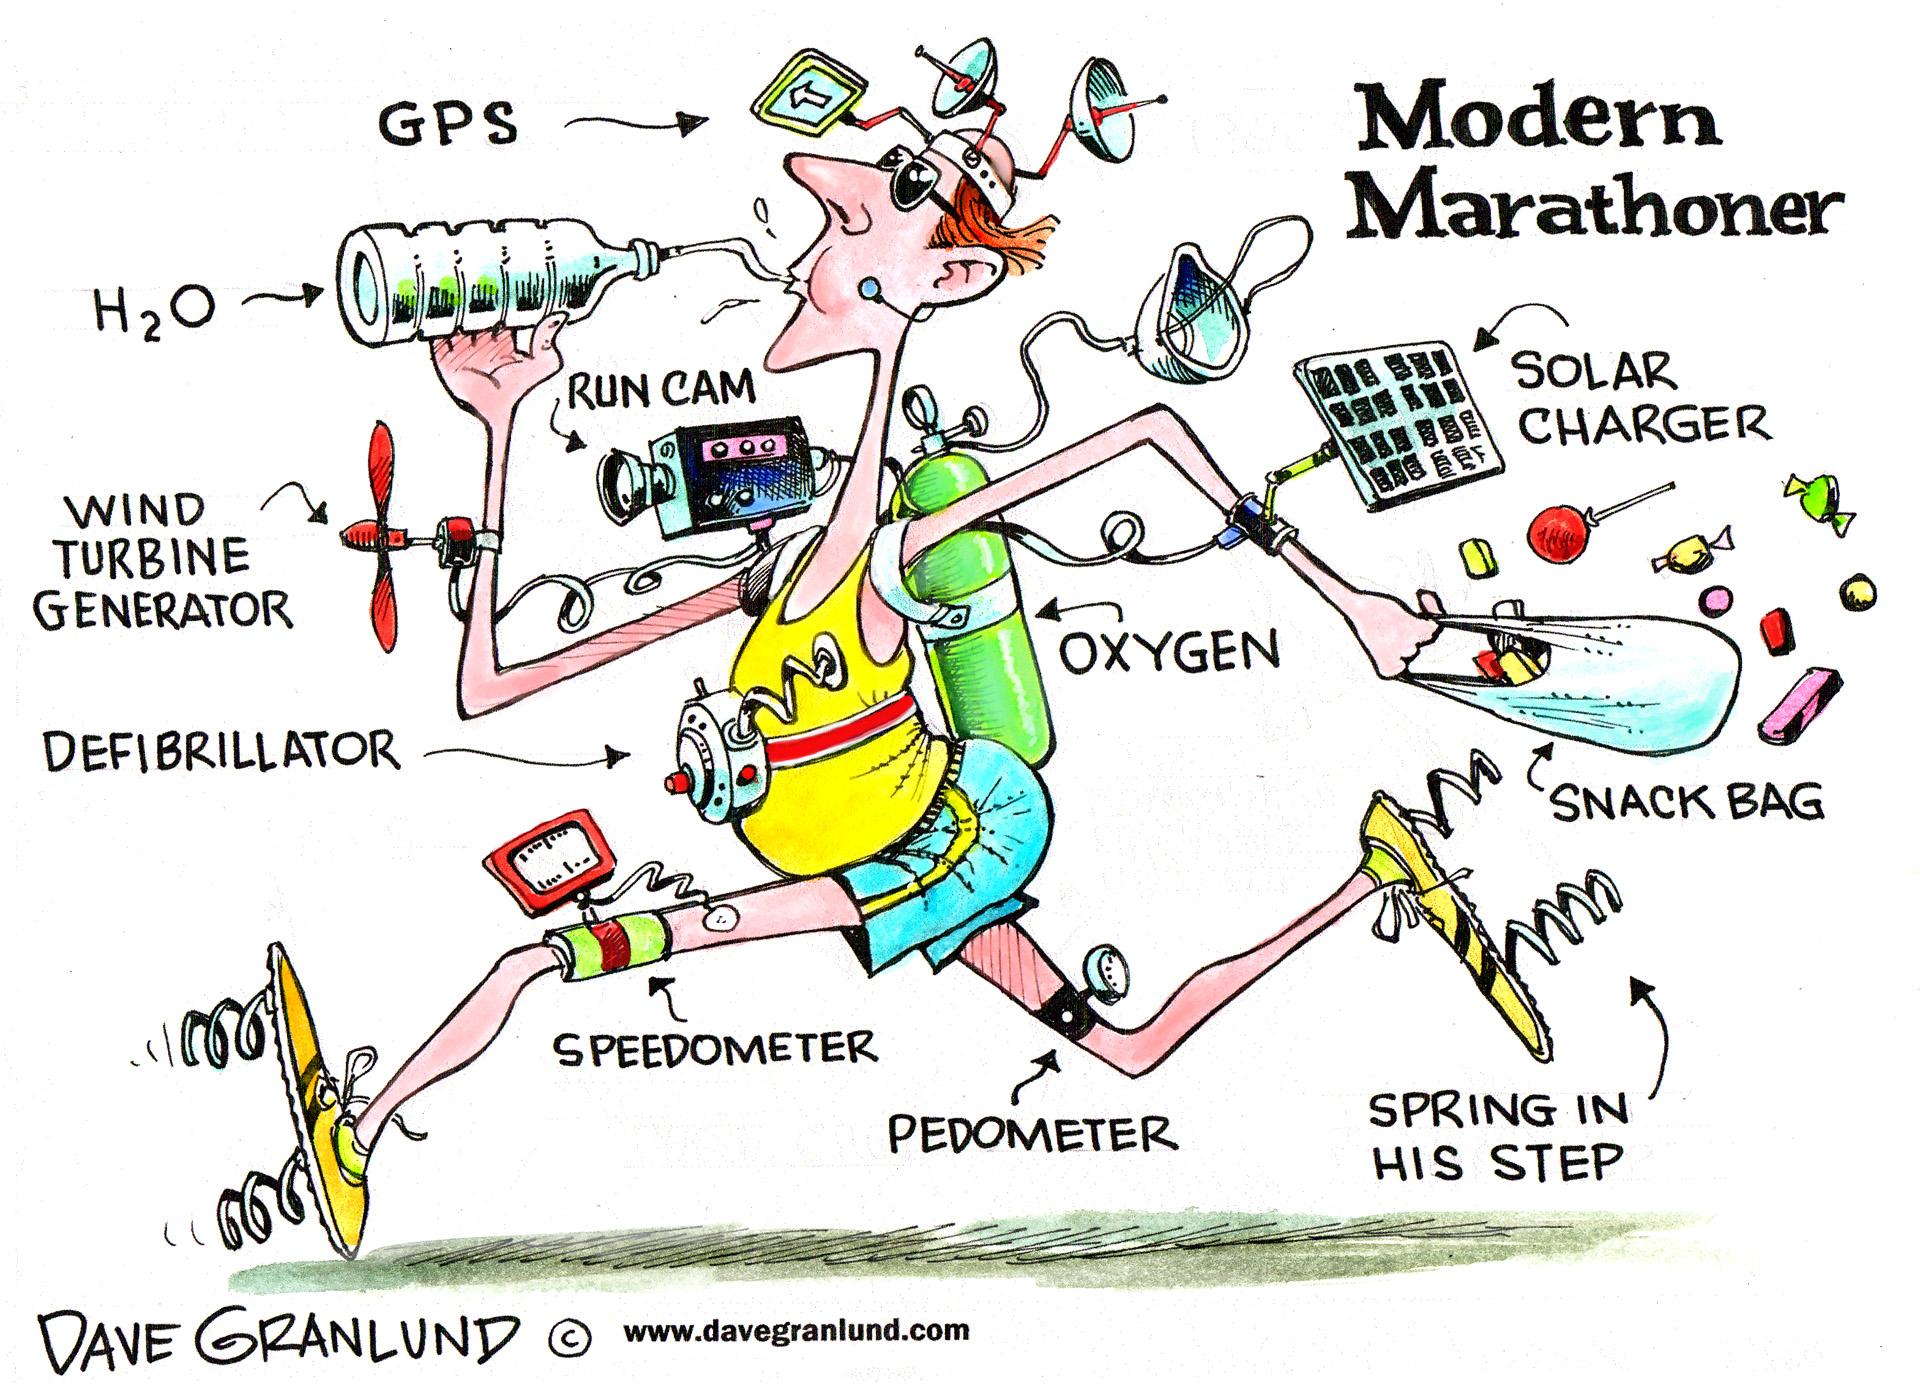 Mondern Marathoner